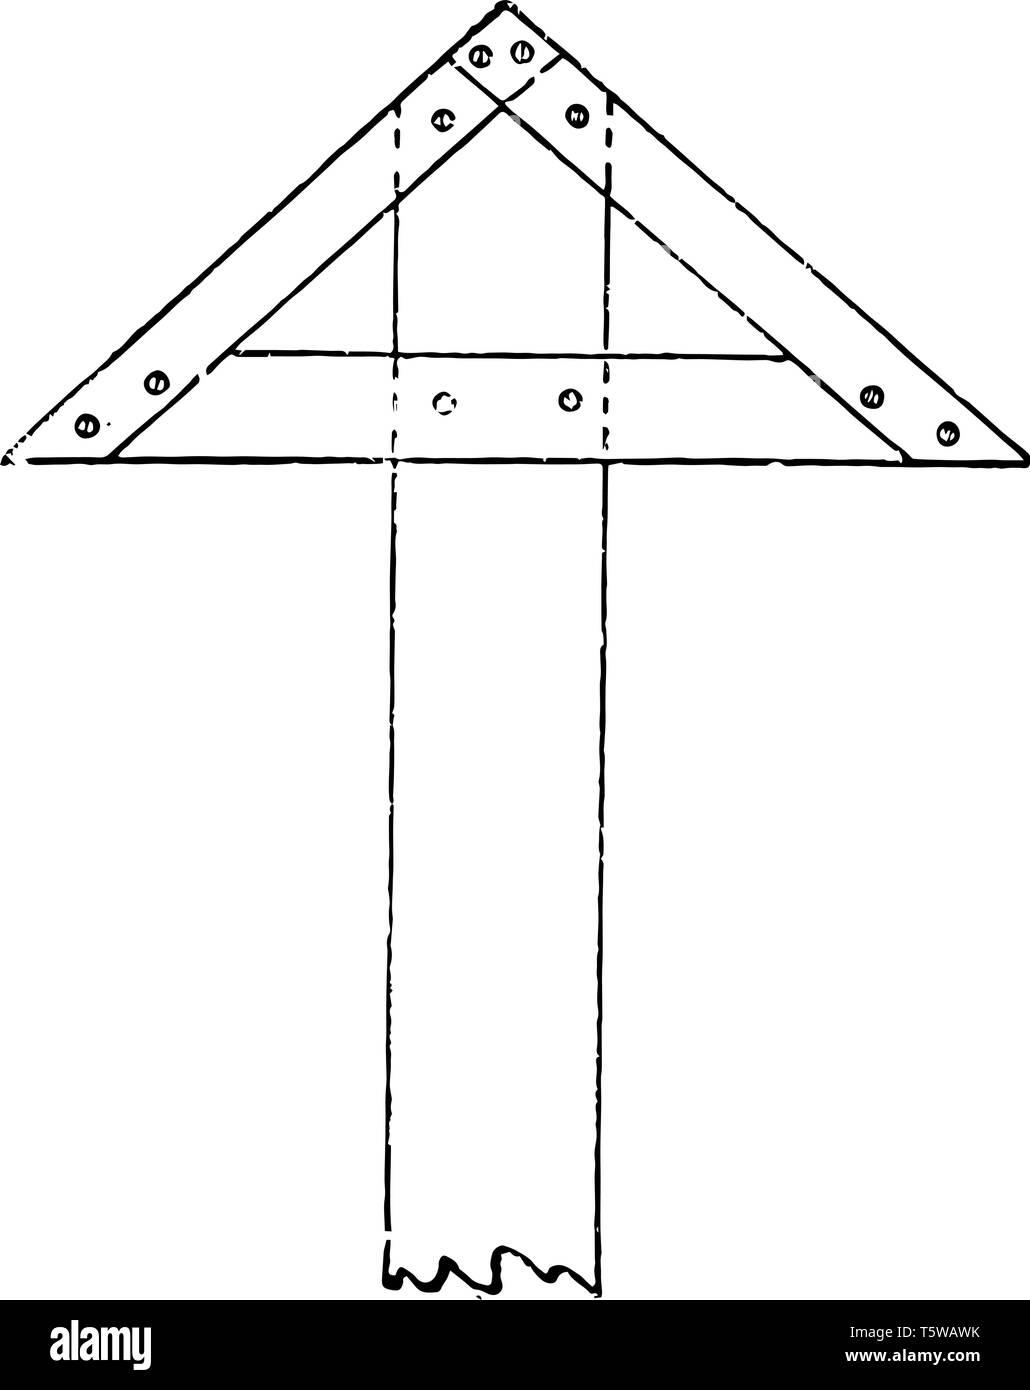 Feste dreieckigen Kopf T-Quadrat ist eine lange Kontaktfläche mit der Kante der Platine ist es die zwei bewegliche Arme mit dem Gehäuse verbunden und angeordnet Stockbild